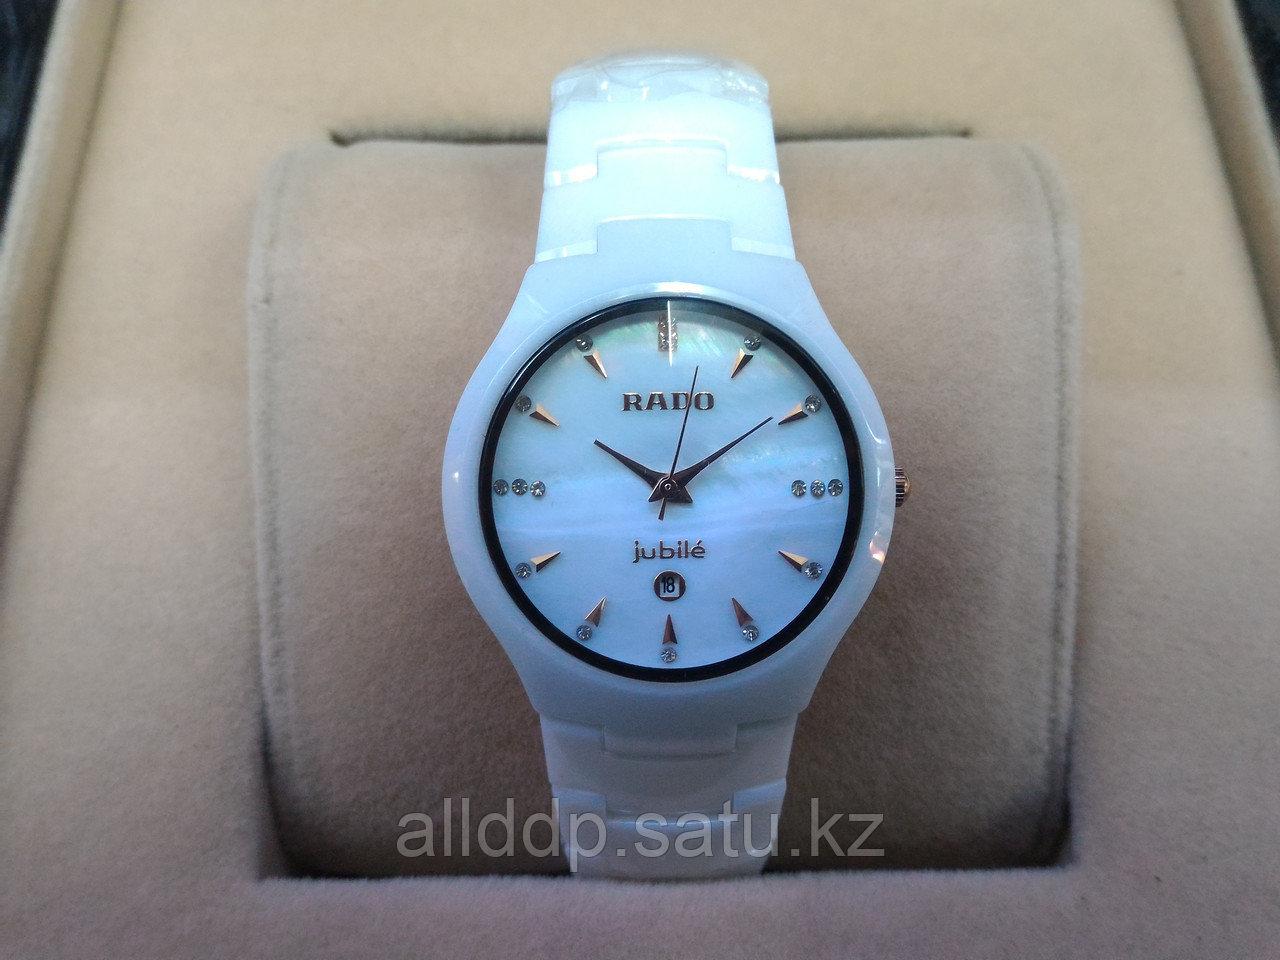 Часы Rado 0102-1